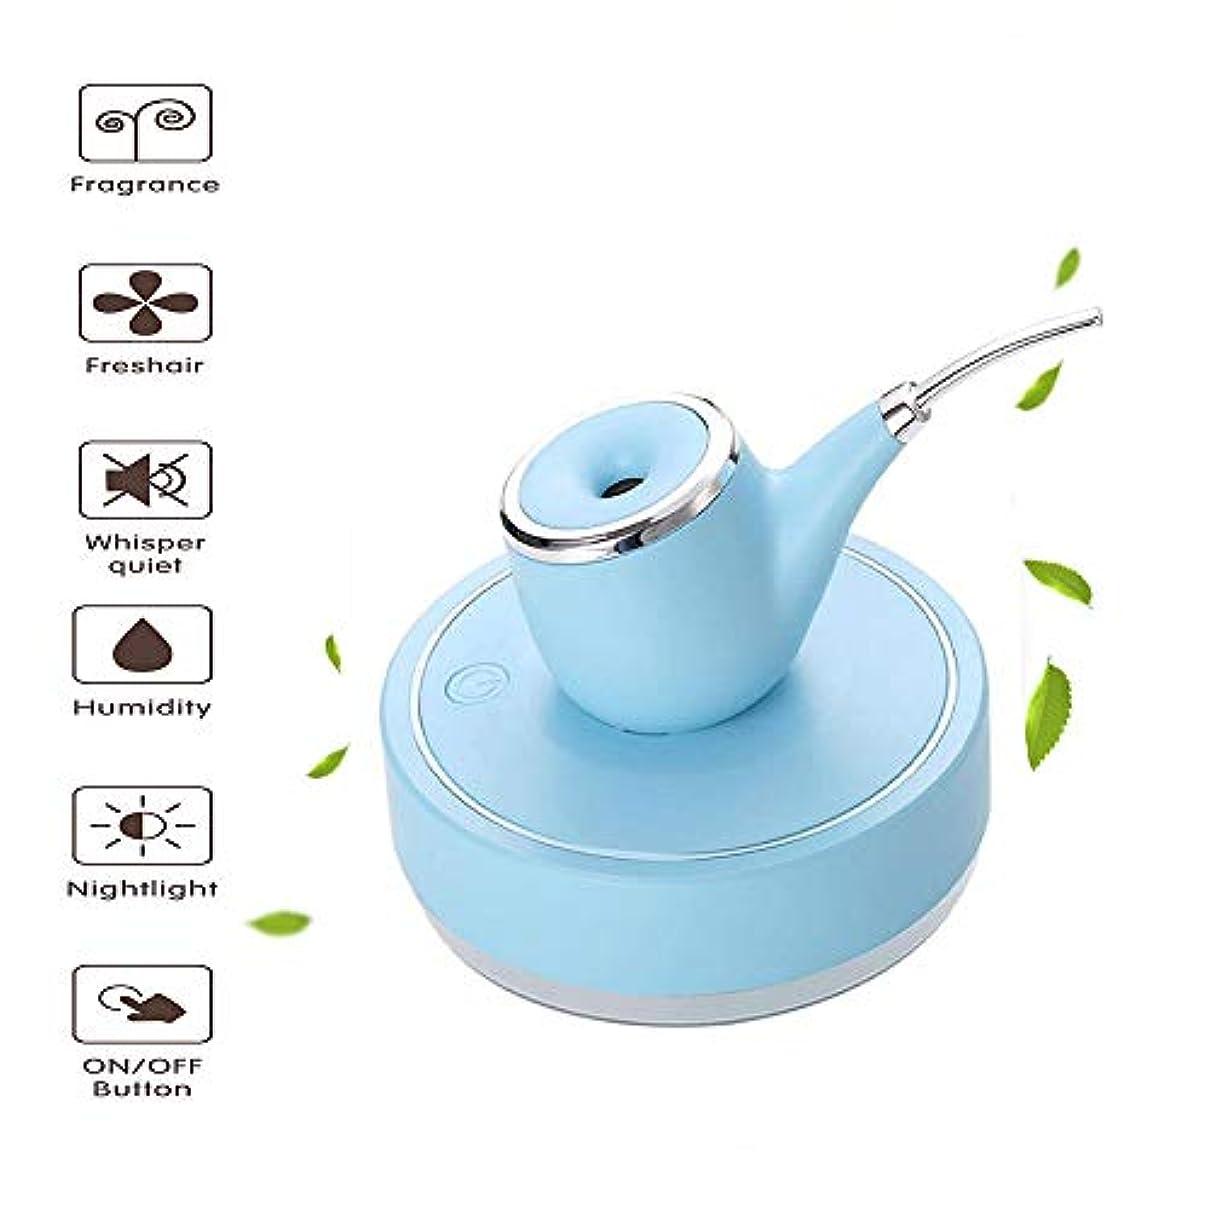 制限精巧な違反アロマテラピー加湿器 - 空気清浄機 - 自動水遮断 - USBパワーパイプ形状 - ファミリーヨガオフィススパベッドルームベビールーム(3色オプション),Blue